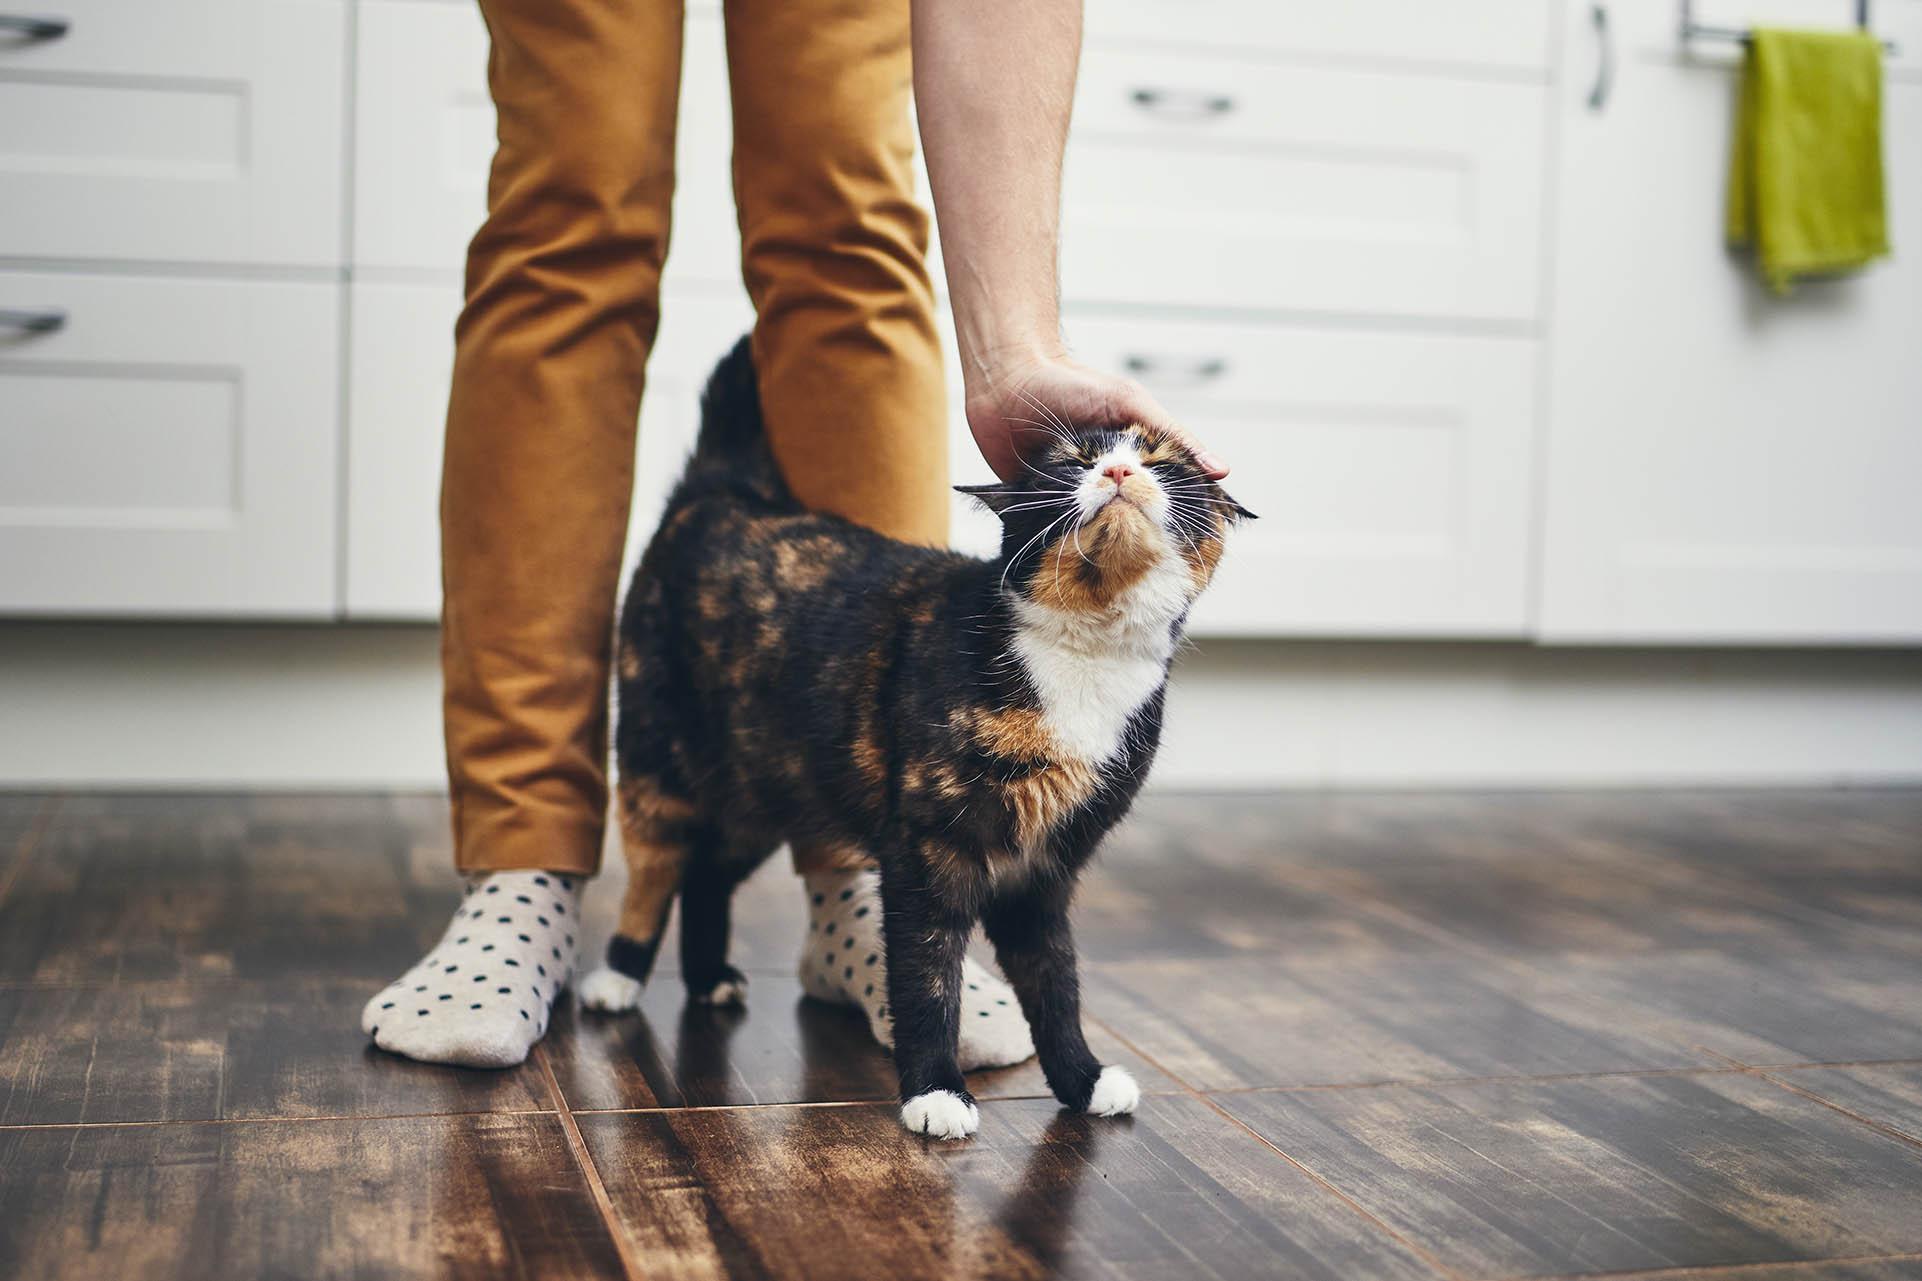 Cat on hardwood floor in kitchen getting pets